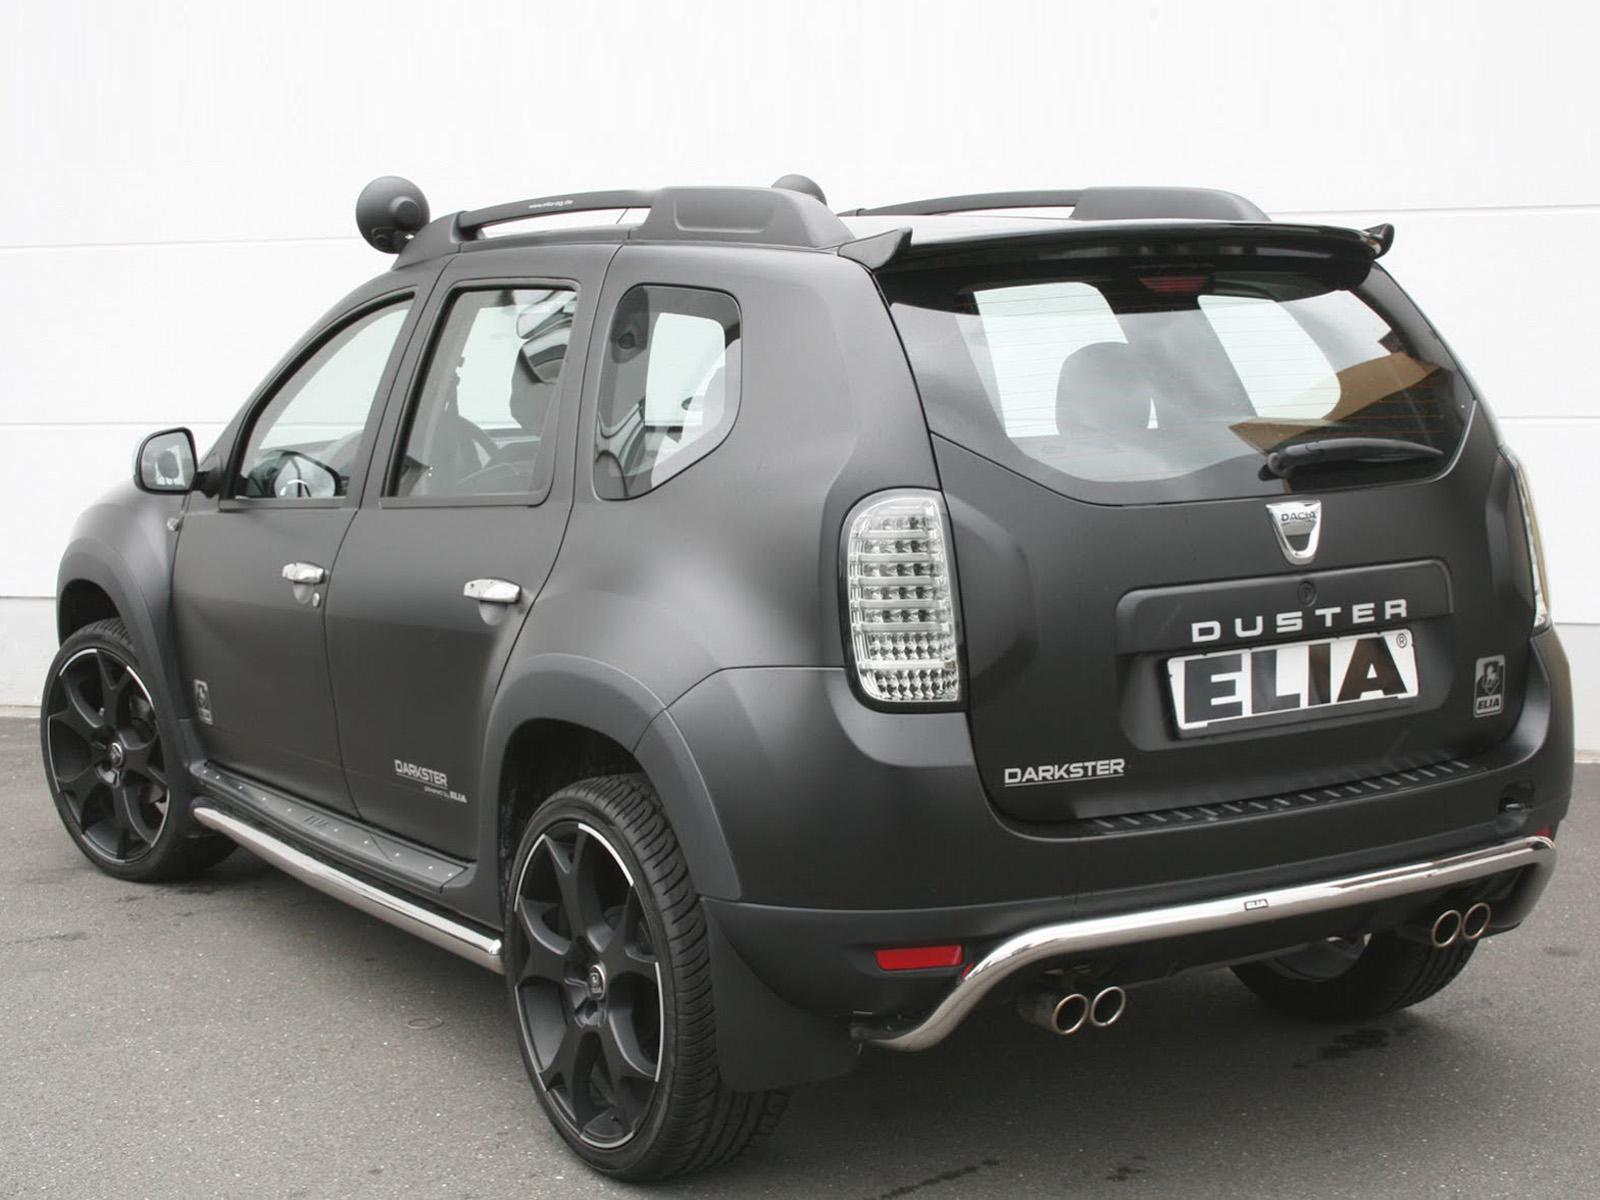 Dacia duster modificado por elia for Duster interni